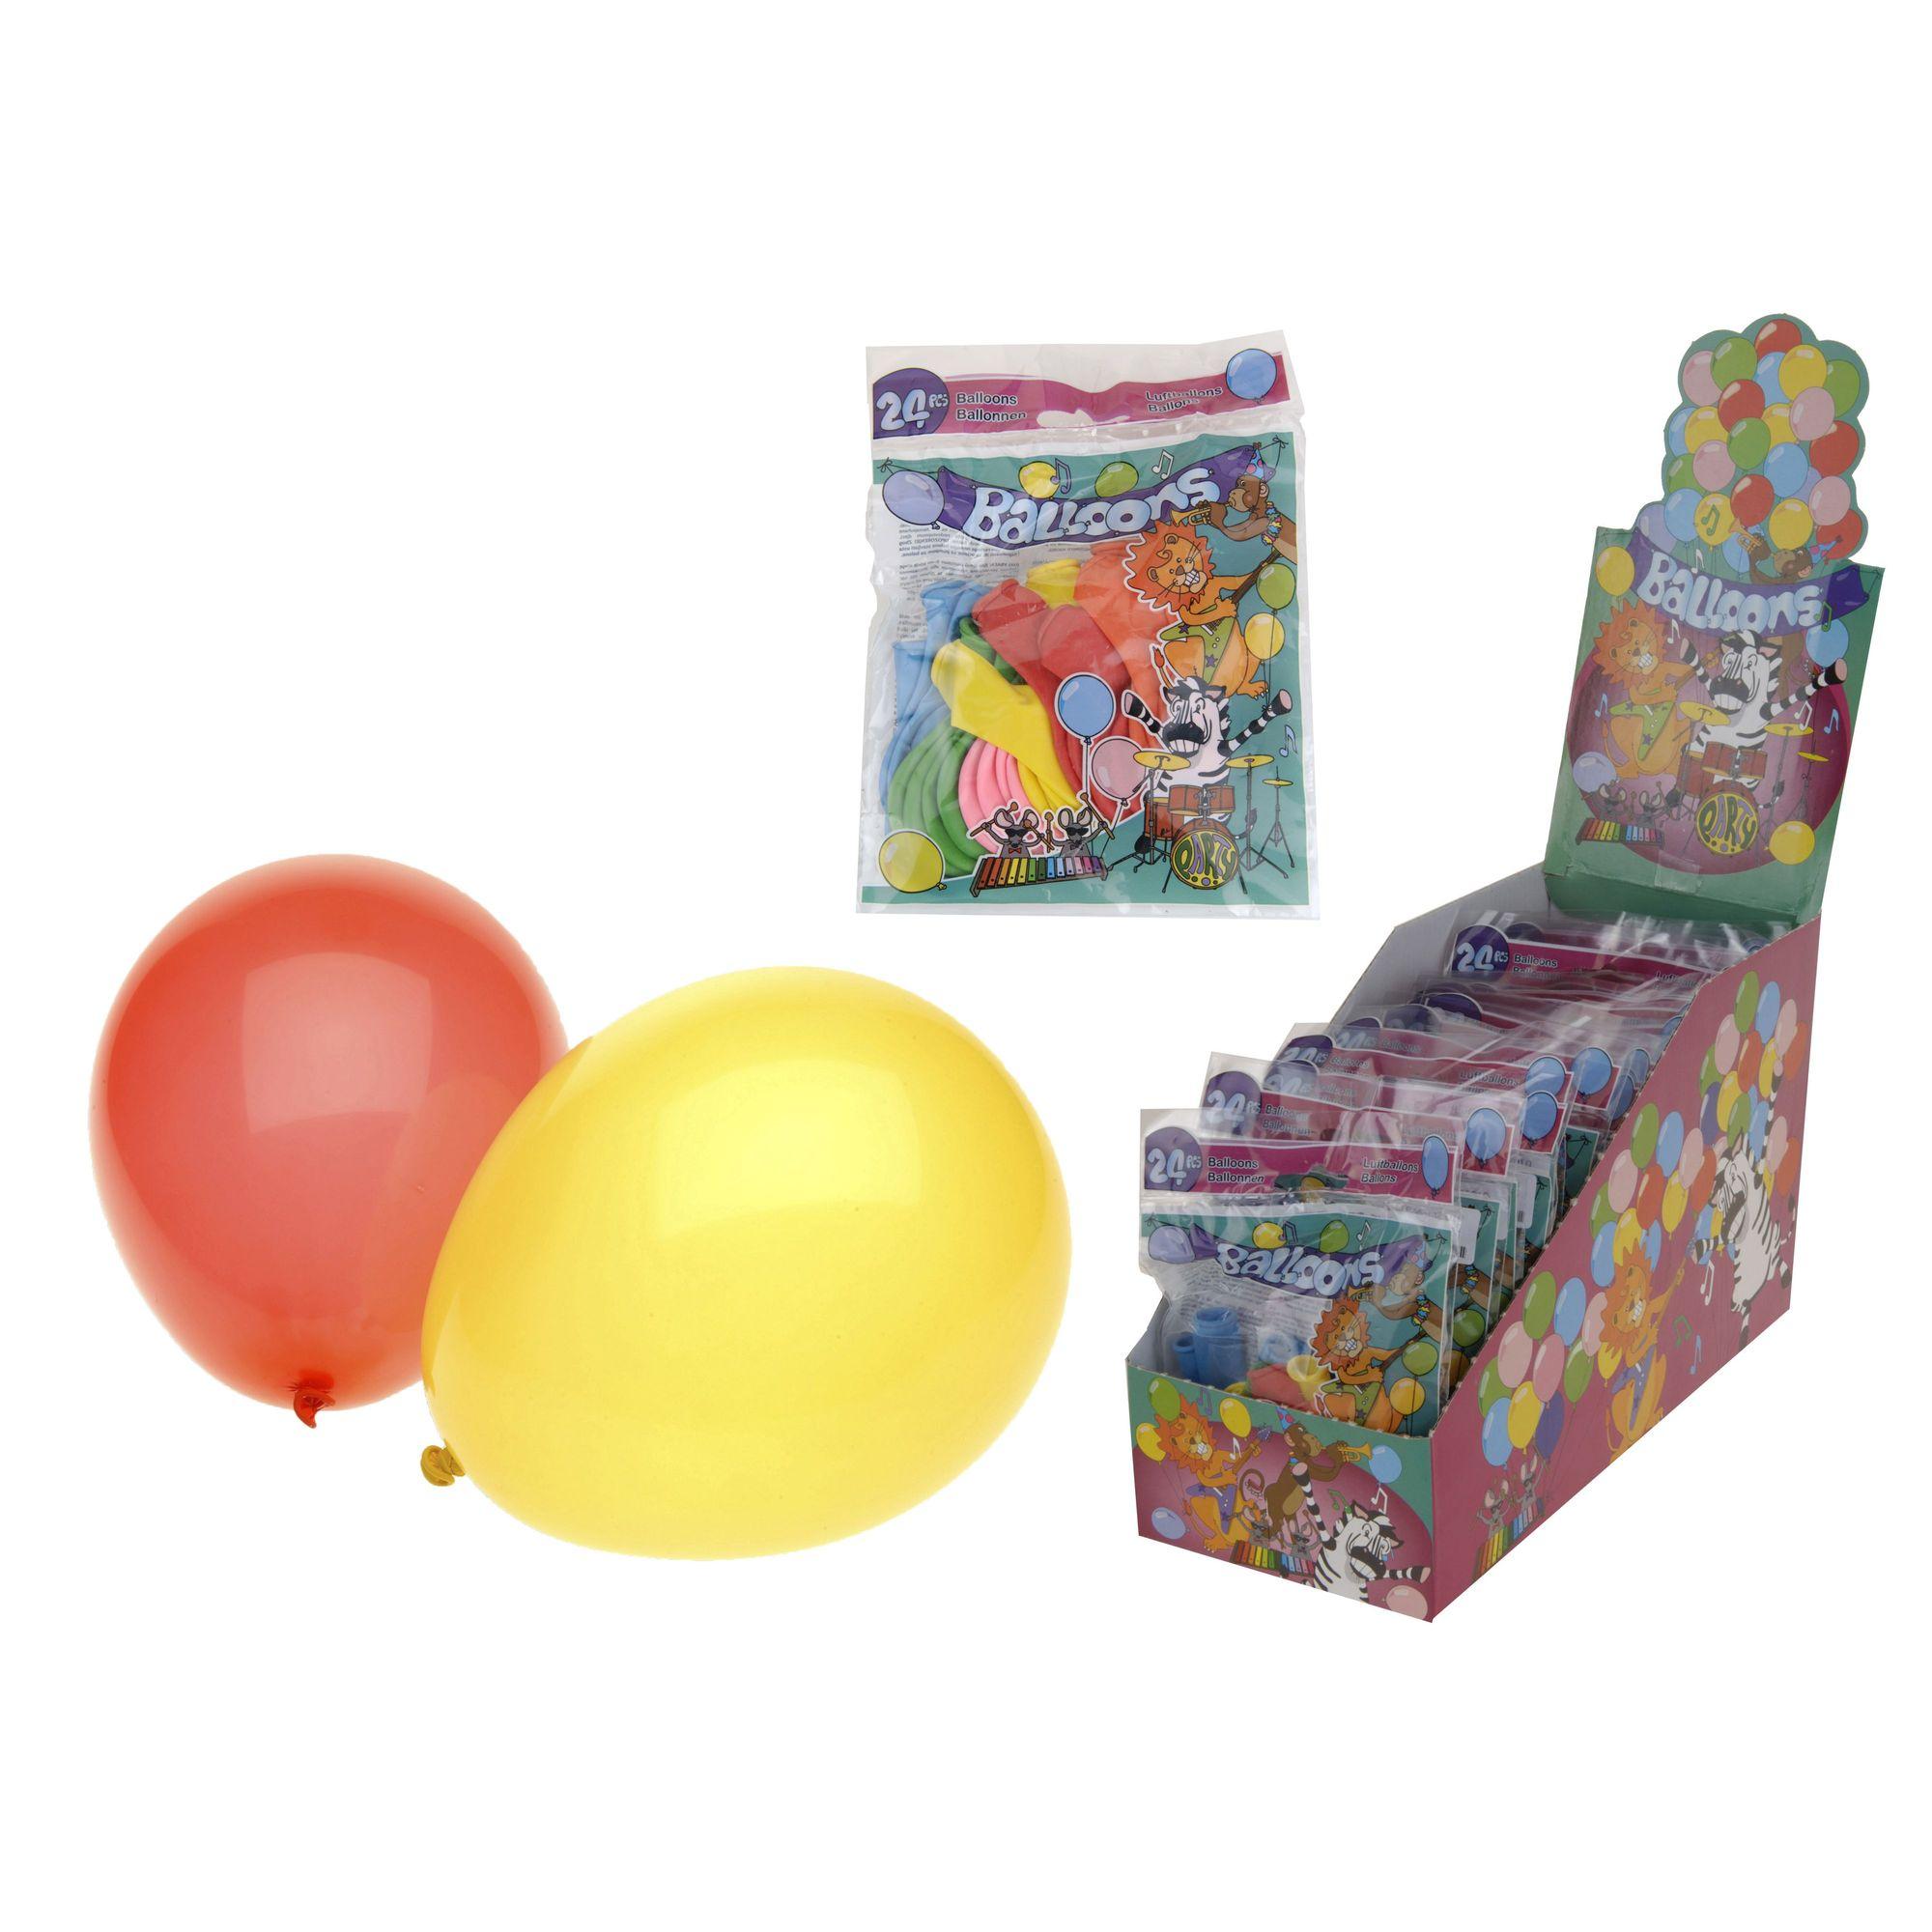 Набор шаров надувных 24 шт.Набор шаров надувных (24шт) от Экселент Хаусвейр сделает праздник для любого взрослого или ребенка радостным и незабываемым. Достаточное количество воздушных шариков позволит украсить небольшое помещение, где планируется проведение торжества. Они среднего размера, их можно компоновать в группы, развешивать на стенах, делать яркие оригинальные композиции. Также шары можно использовать в качестве поощрительных призов в конкурсах, с ними всегда приятно сфотографироваться.Латексные шары в данном наборе являются разноцветными, но без нанесенного рисунка. Несмотря на это, они сделают праздник незабываемым, поднимут настроение даже самому грустному ребенку. Даже один надутый шарик, не говоря о нескольких, непременно создаст ауру веселья.<br>